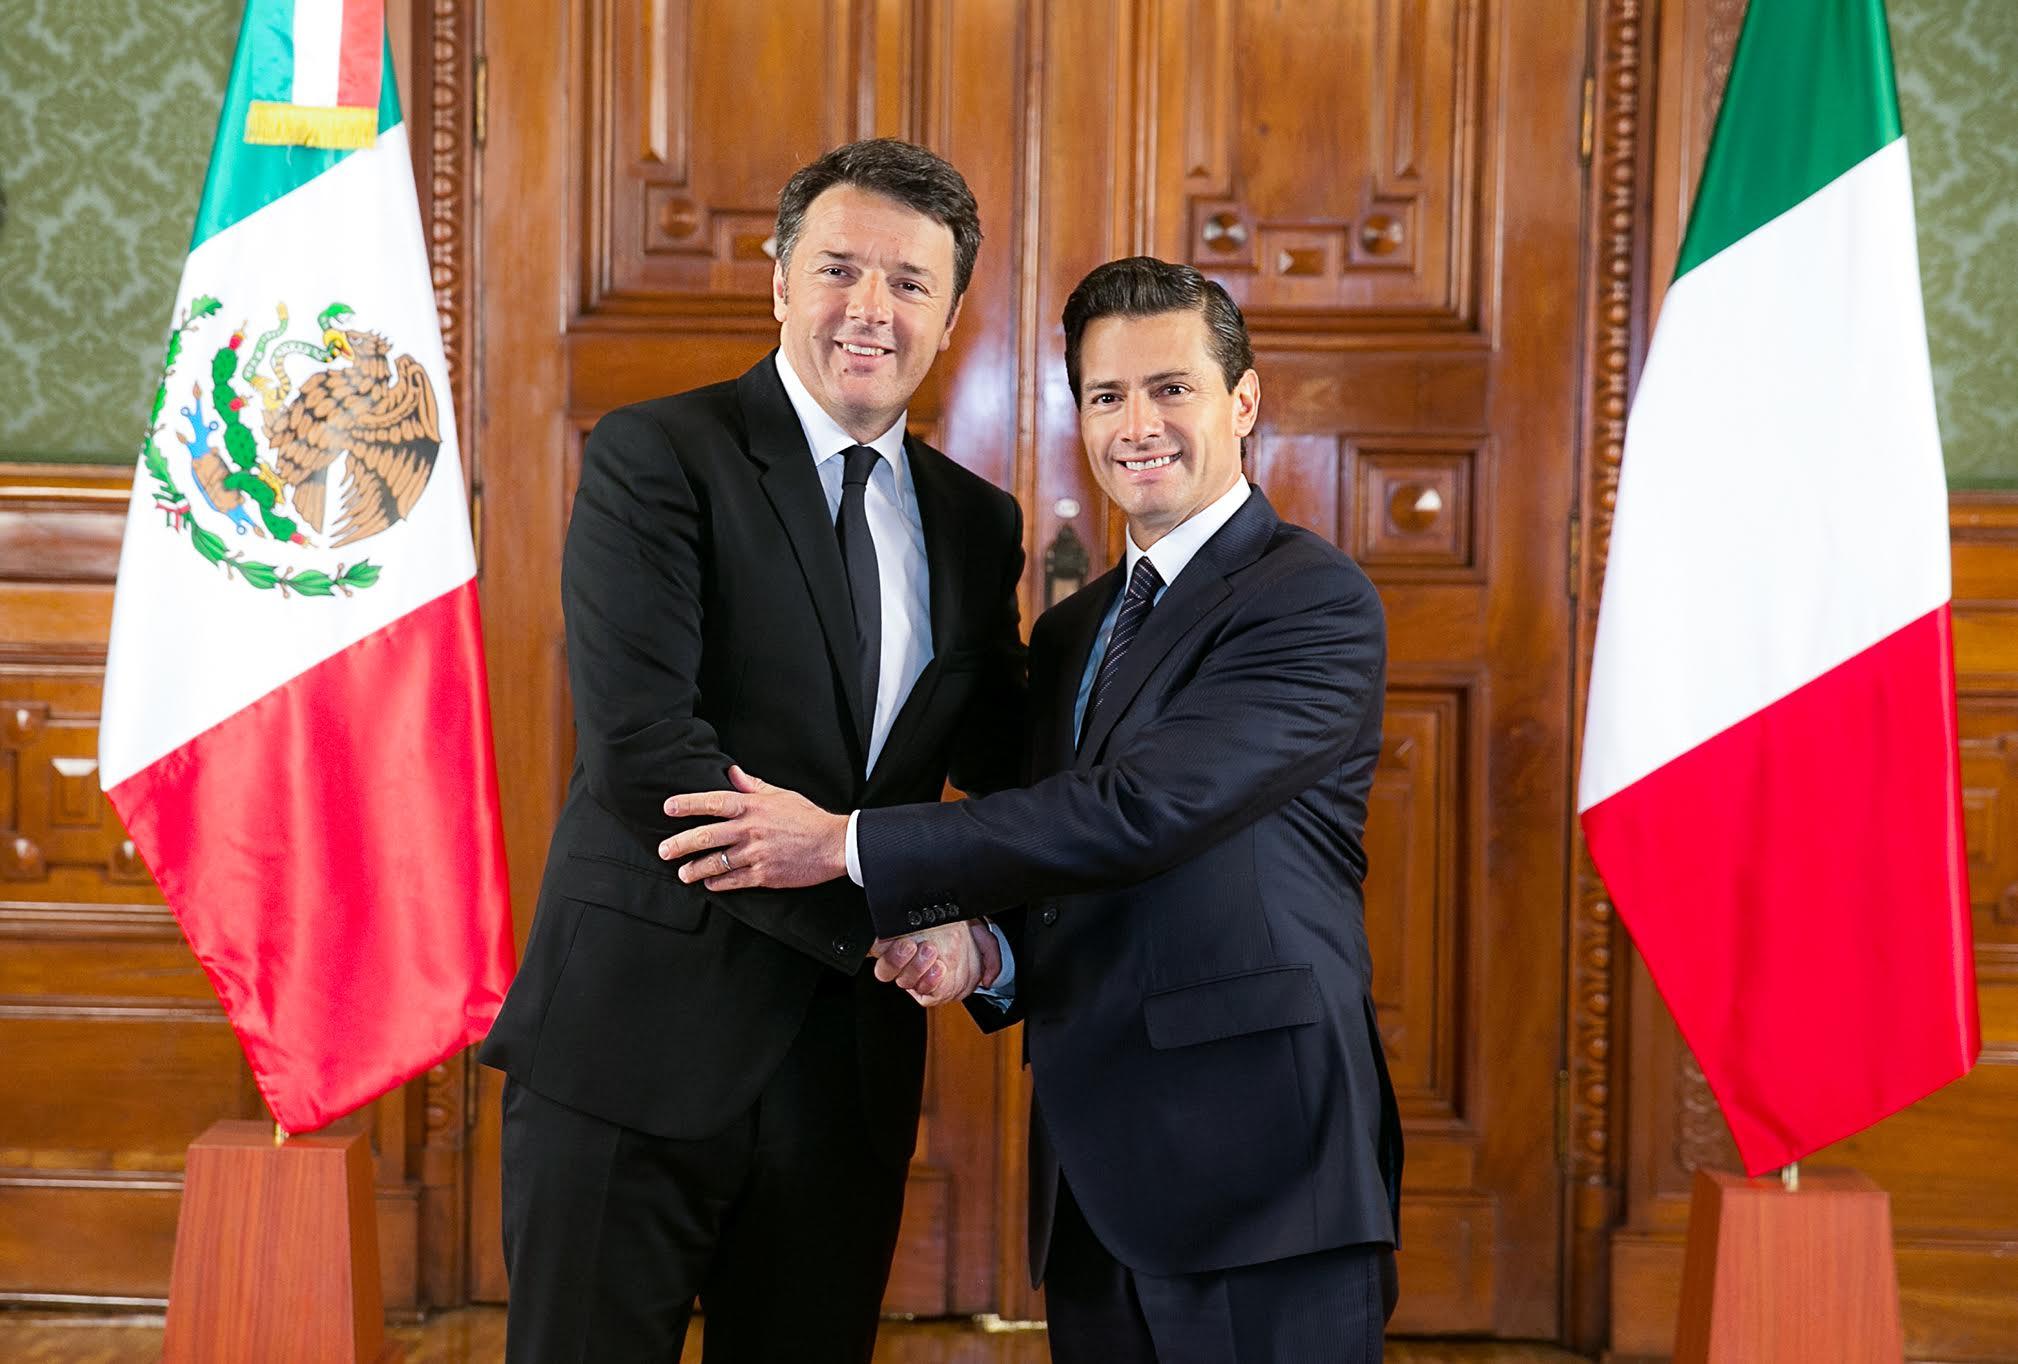 Italia es el tercer socio comercial de México dentro de los países de la Unión Europea.